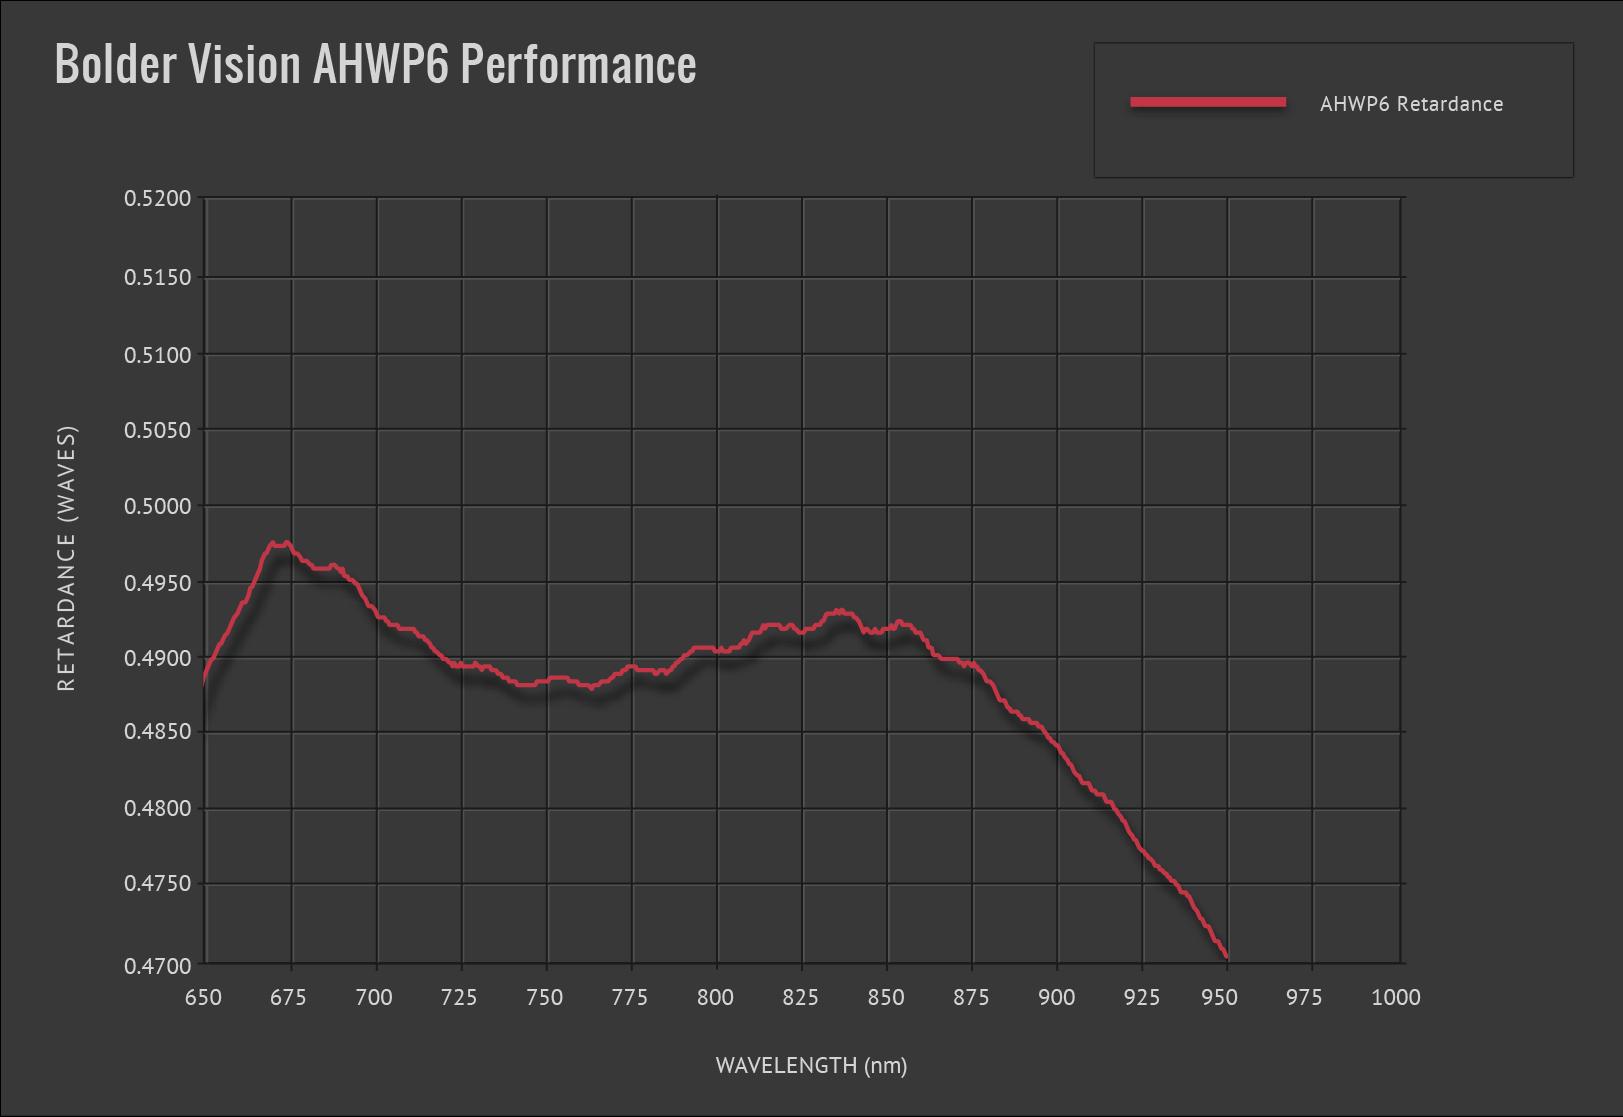 Bolder Vision Waveplate AHWP6